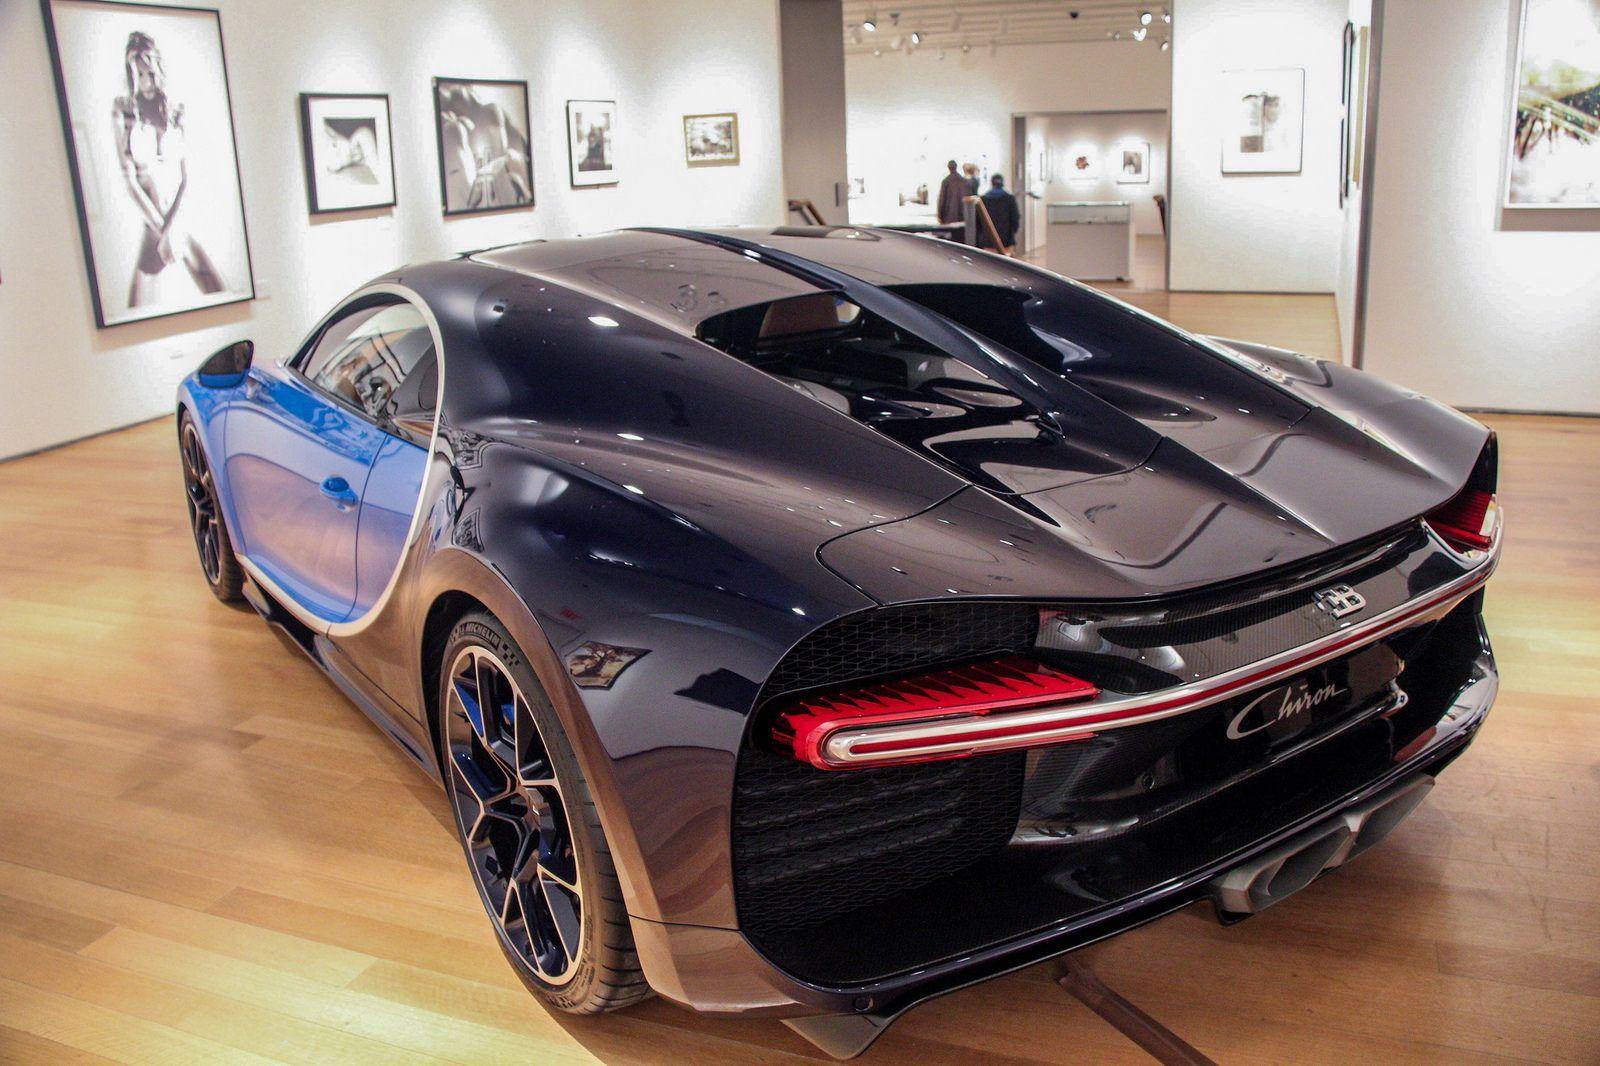 Art where it belongs bugatti chiron bugatti bugatti cars